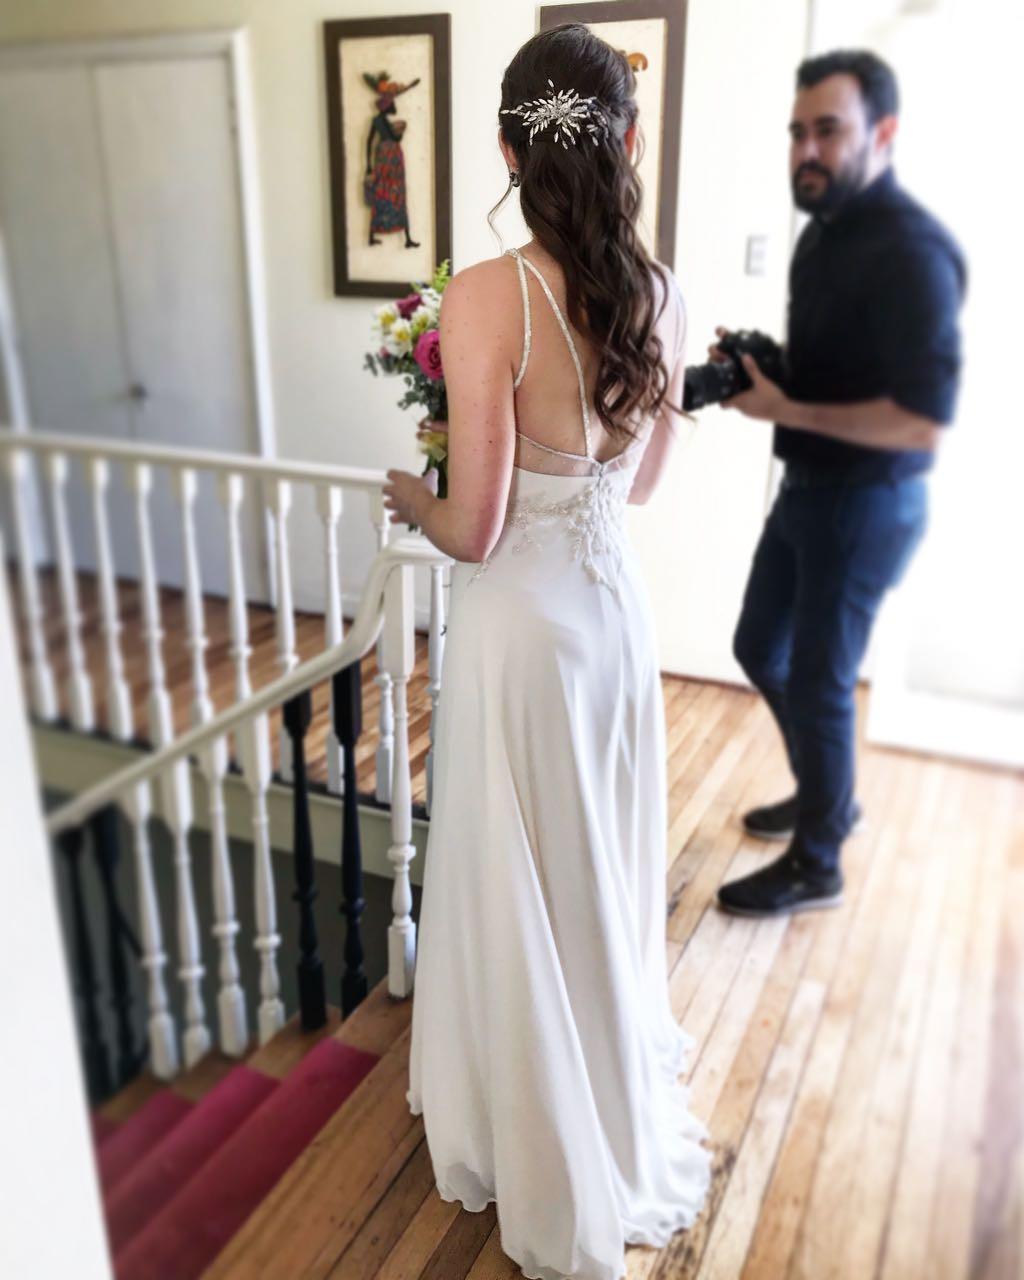 d726c79cd8 Venta de vestidos novia usados de varios modelos en Chile